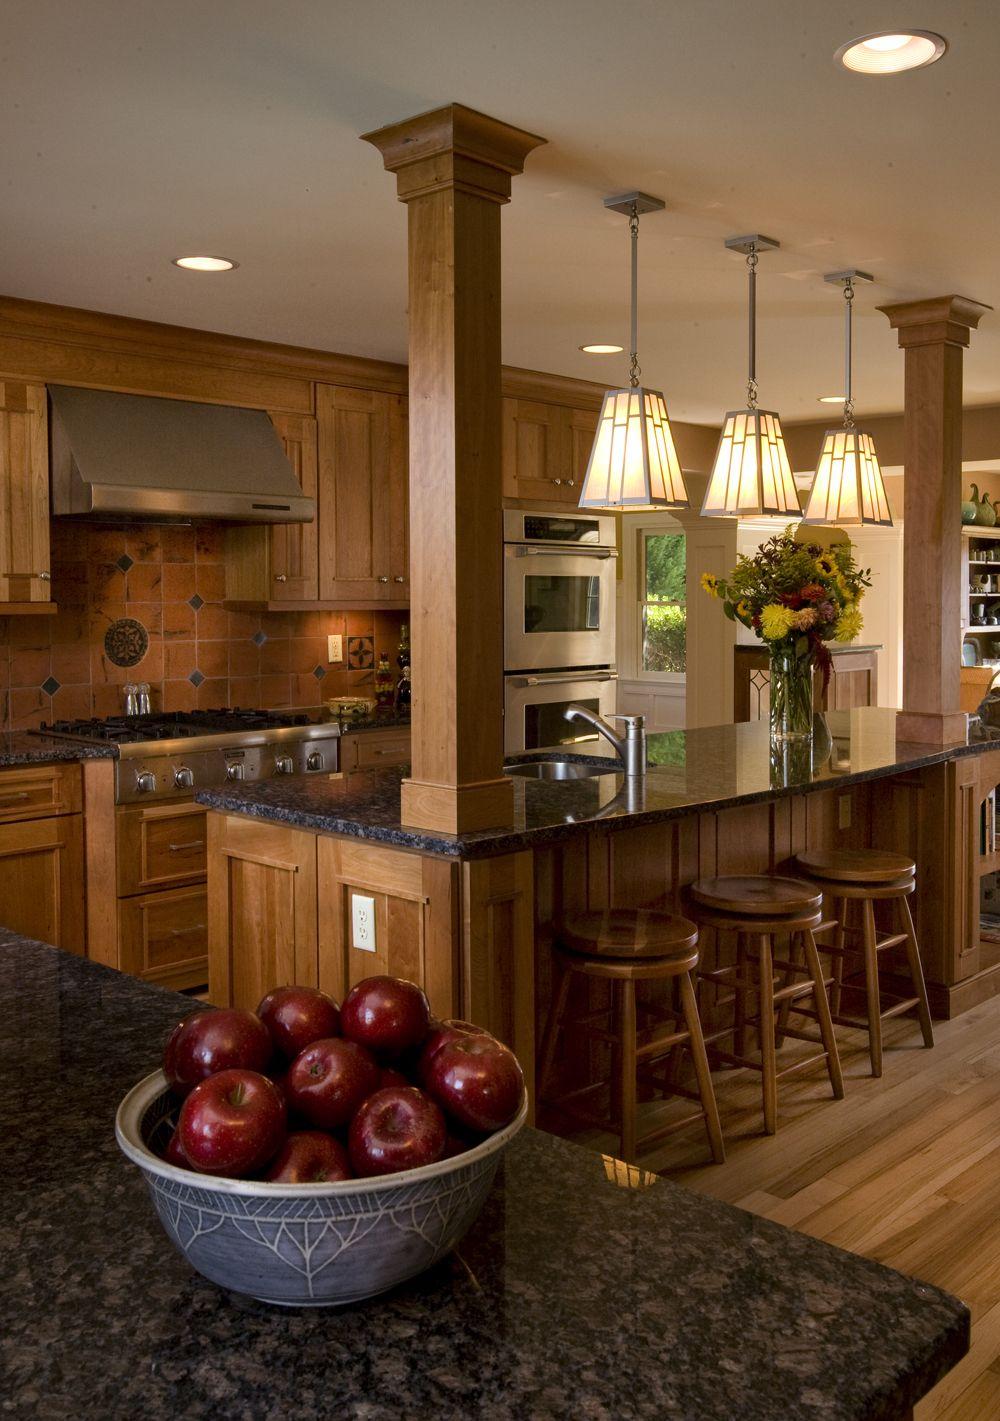 Retro Creative Kitchen Islands Offer Extra Trend Decoration Rustic Kitchen Design Craftsman Kitchen Kitchen Island Design